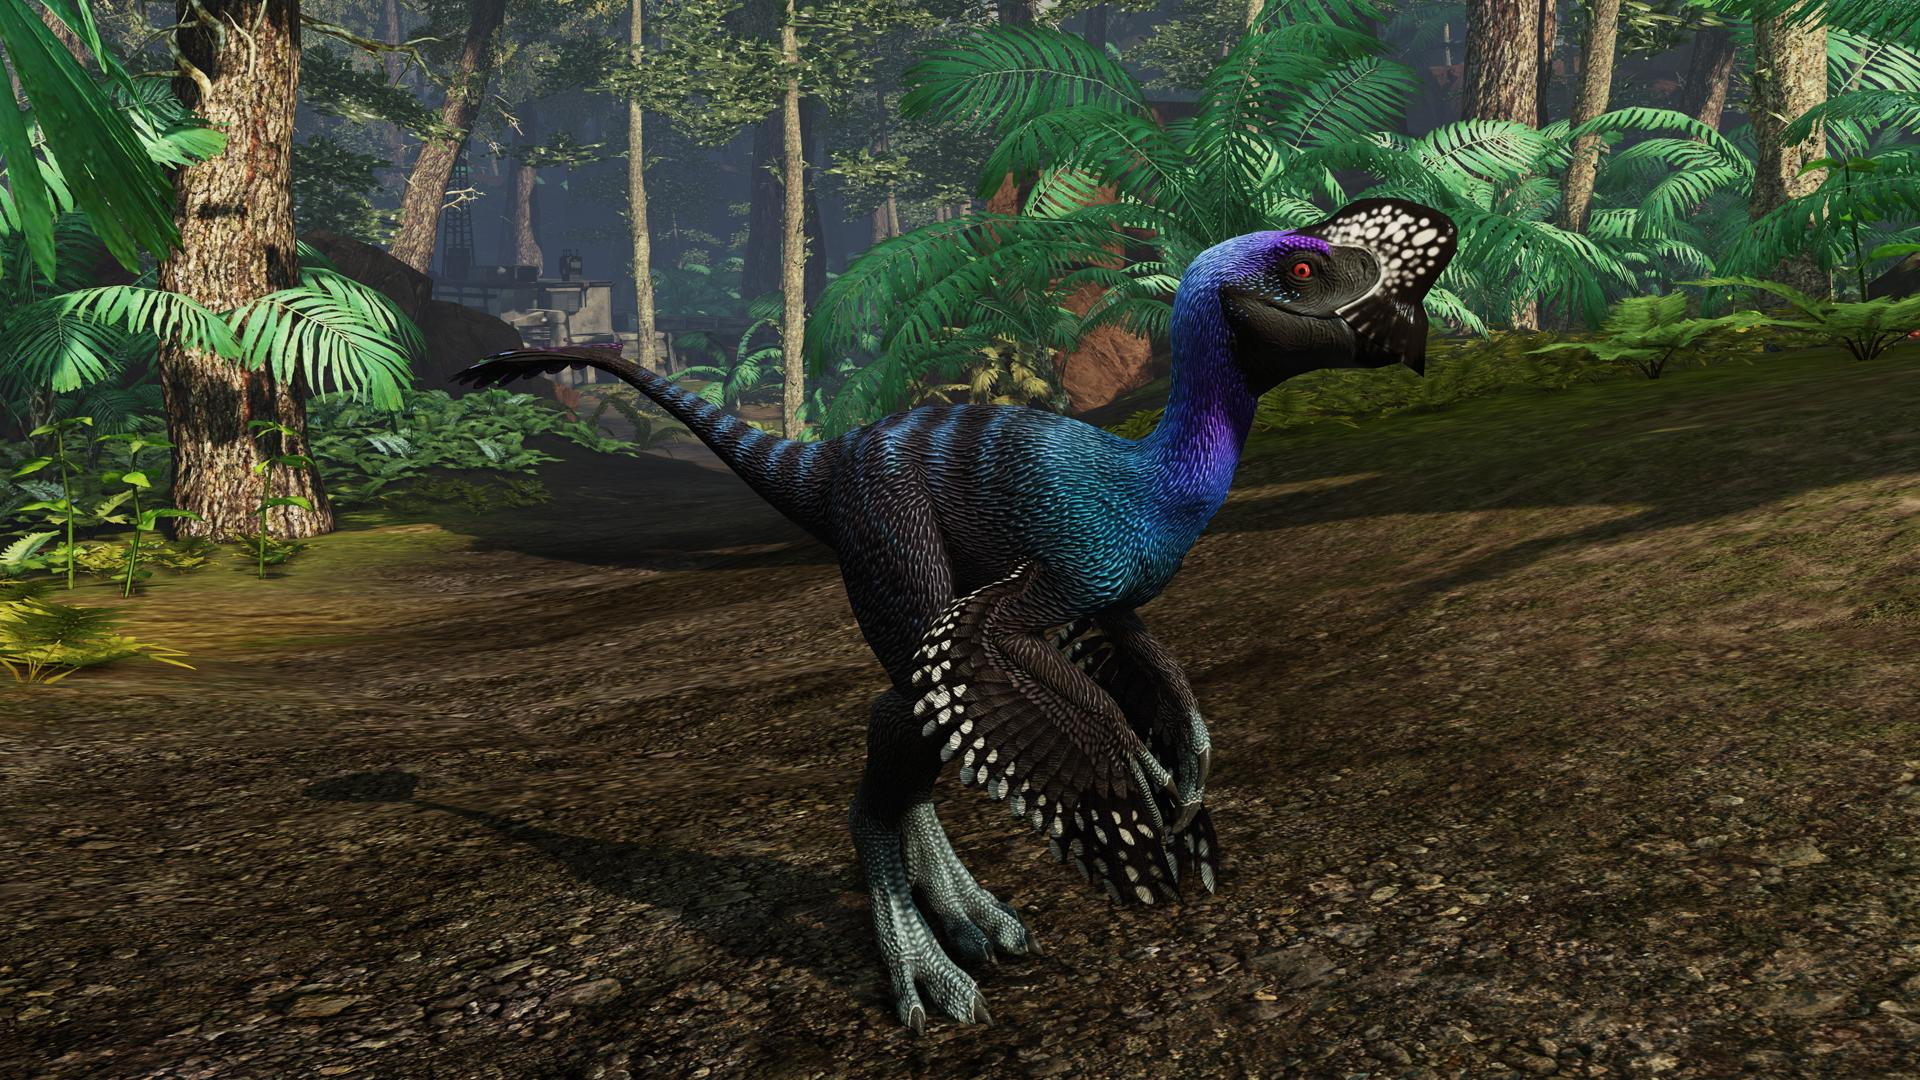 Учёные измерили температуру тела динозавров